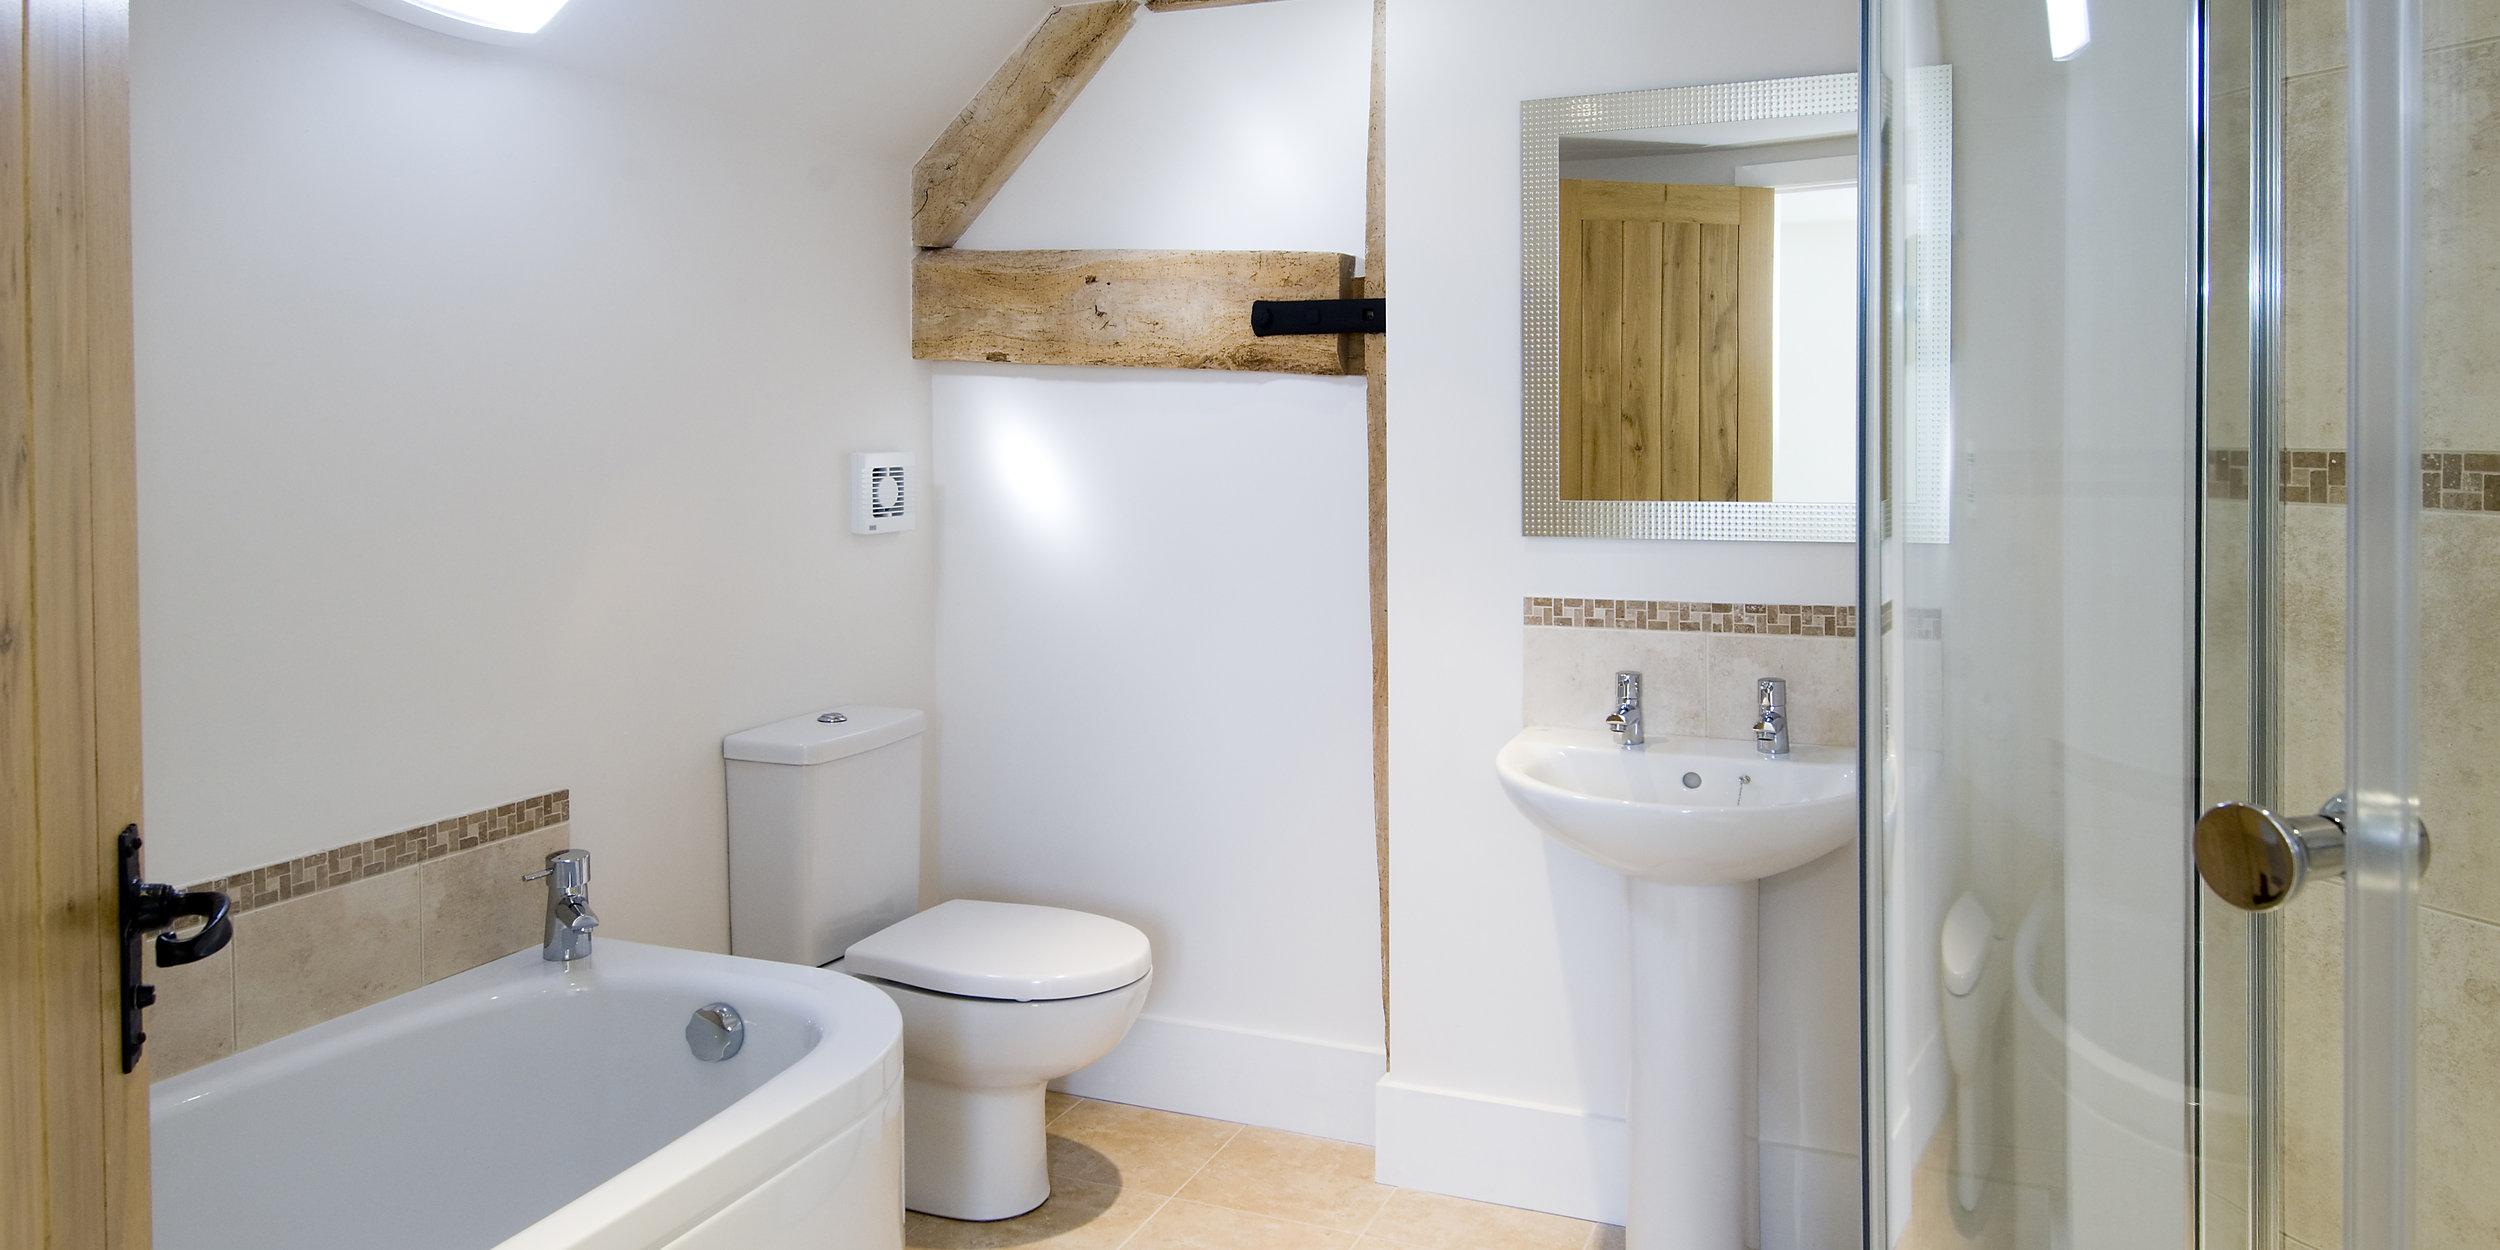 Bathroom in South Barn, Tredington, Gloucestershire